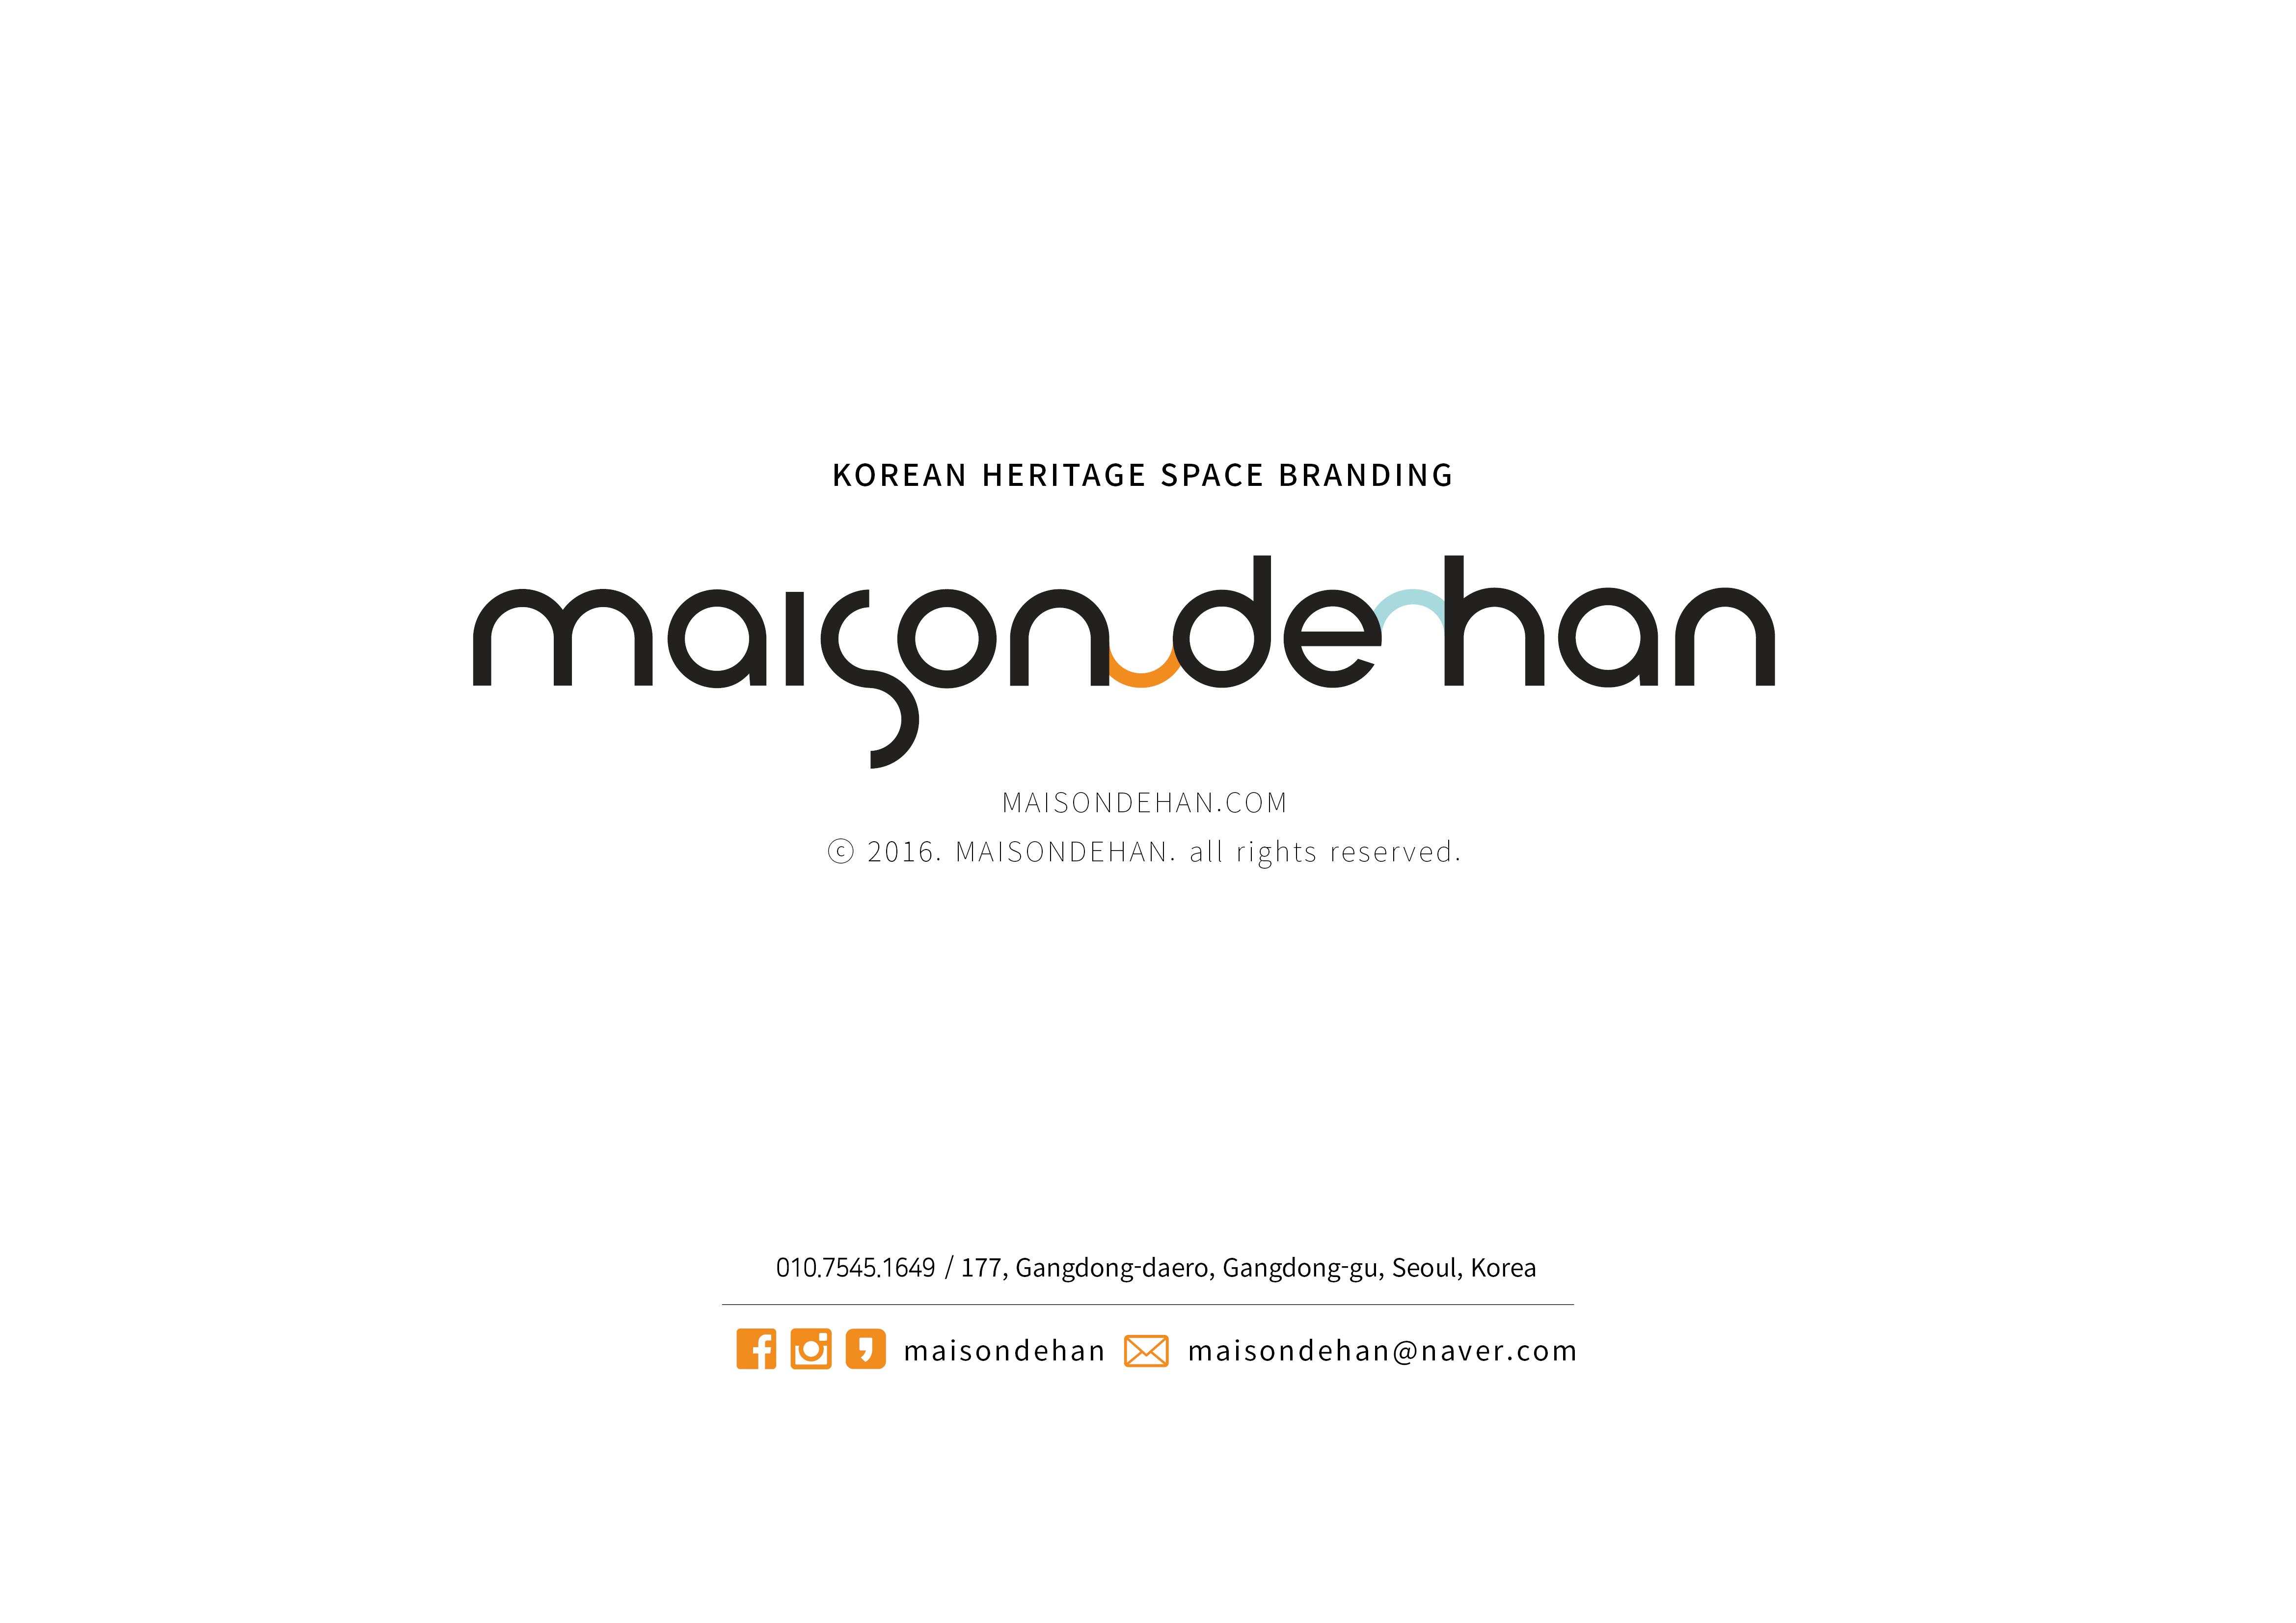 maisondehan-nam23